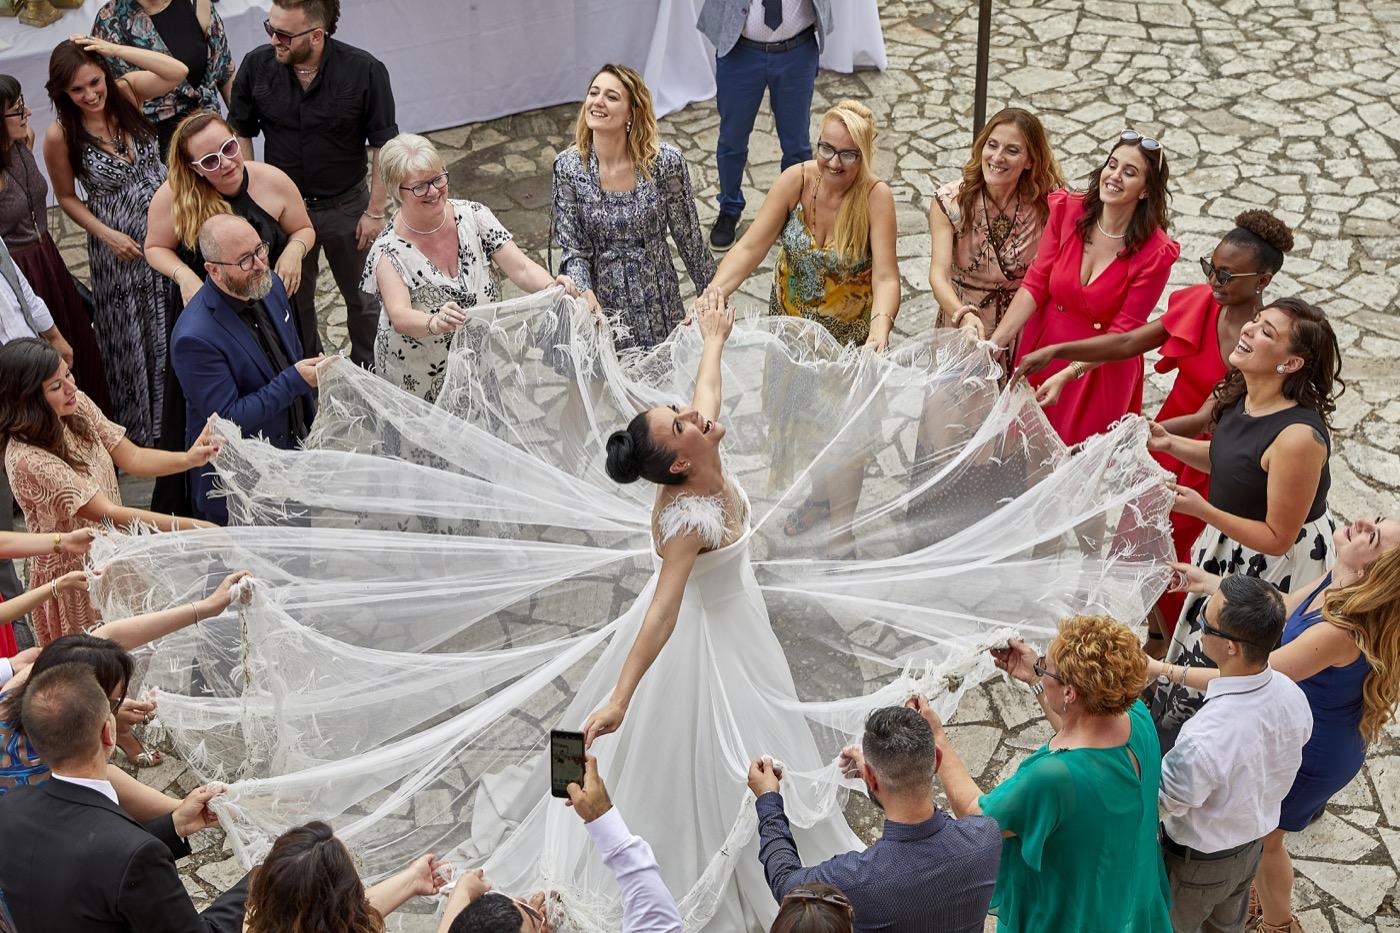 Claudio-Coppola-wedding-photographer-villa-del-cardinale-rocca-di-papa-castel-gandolfo-78